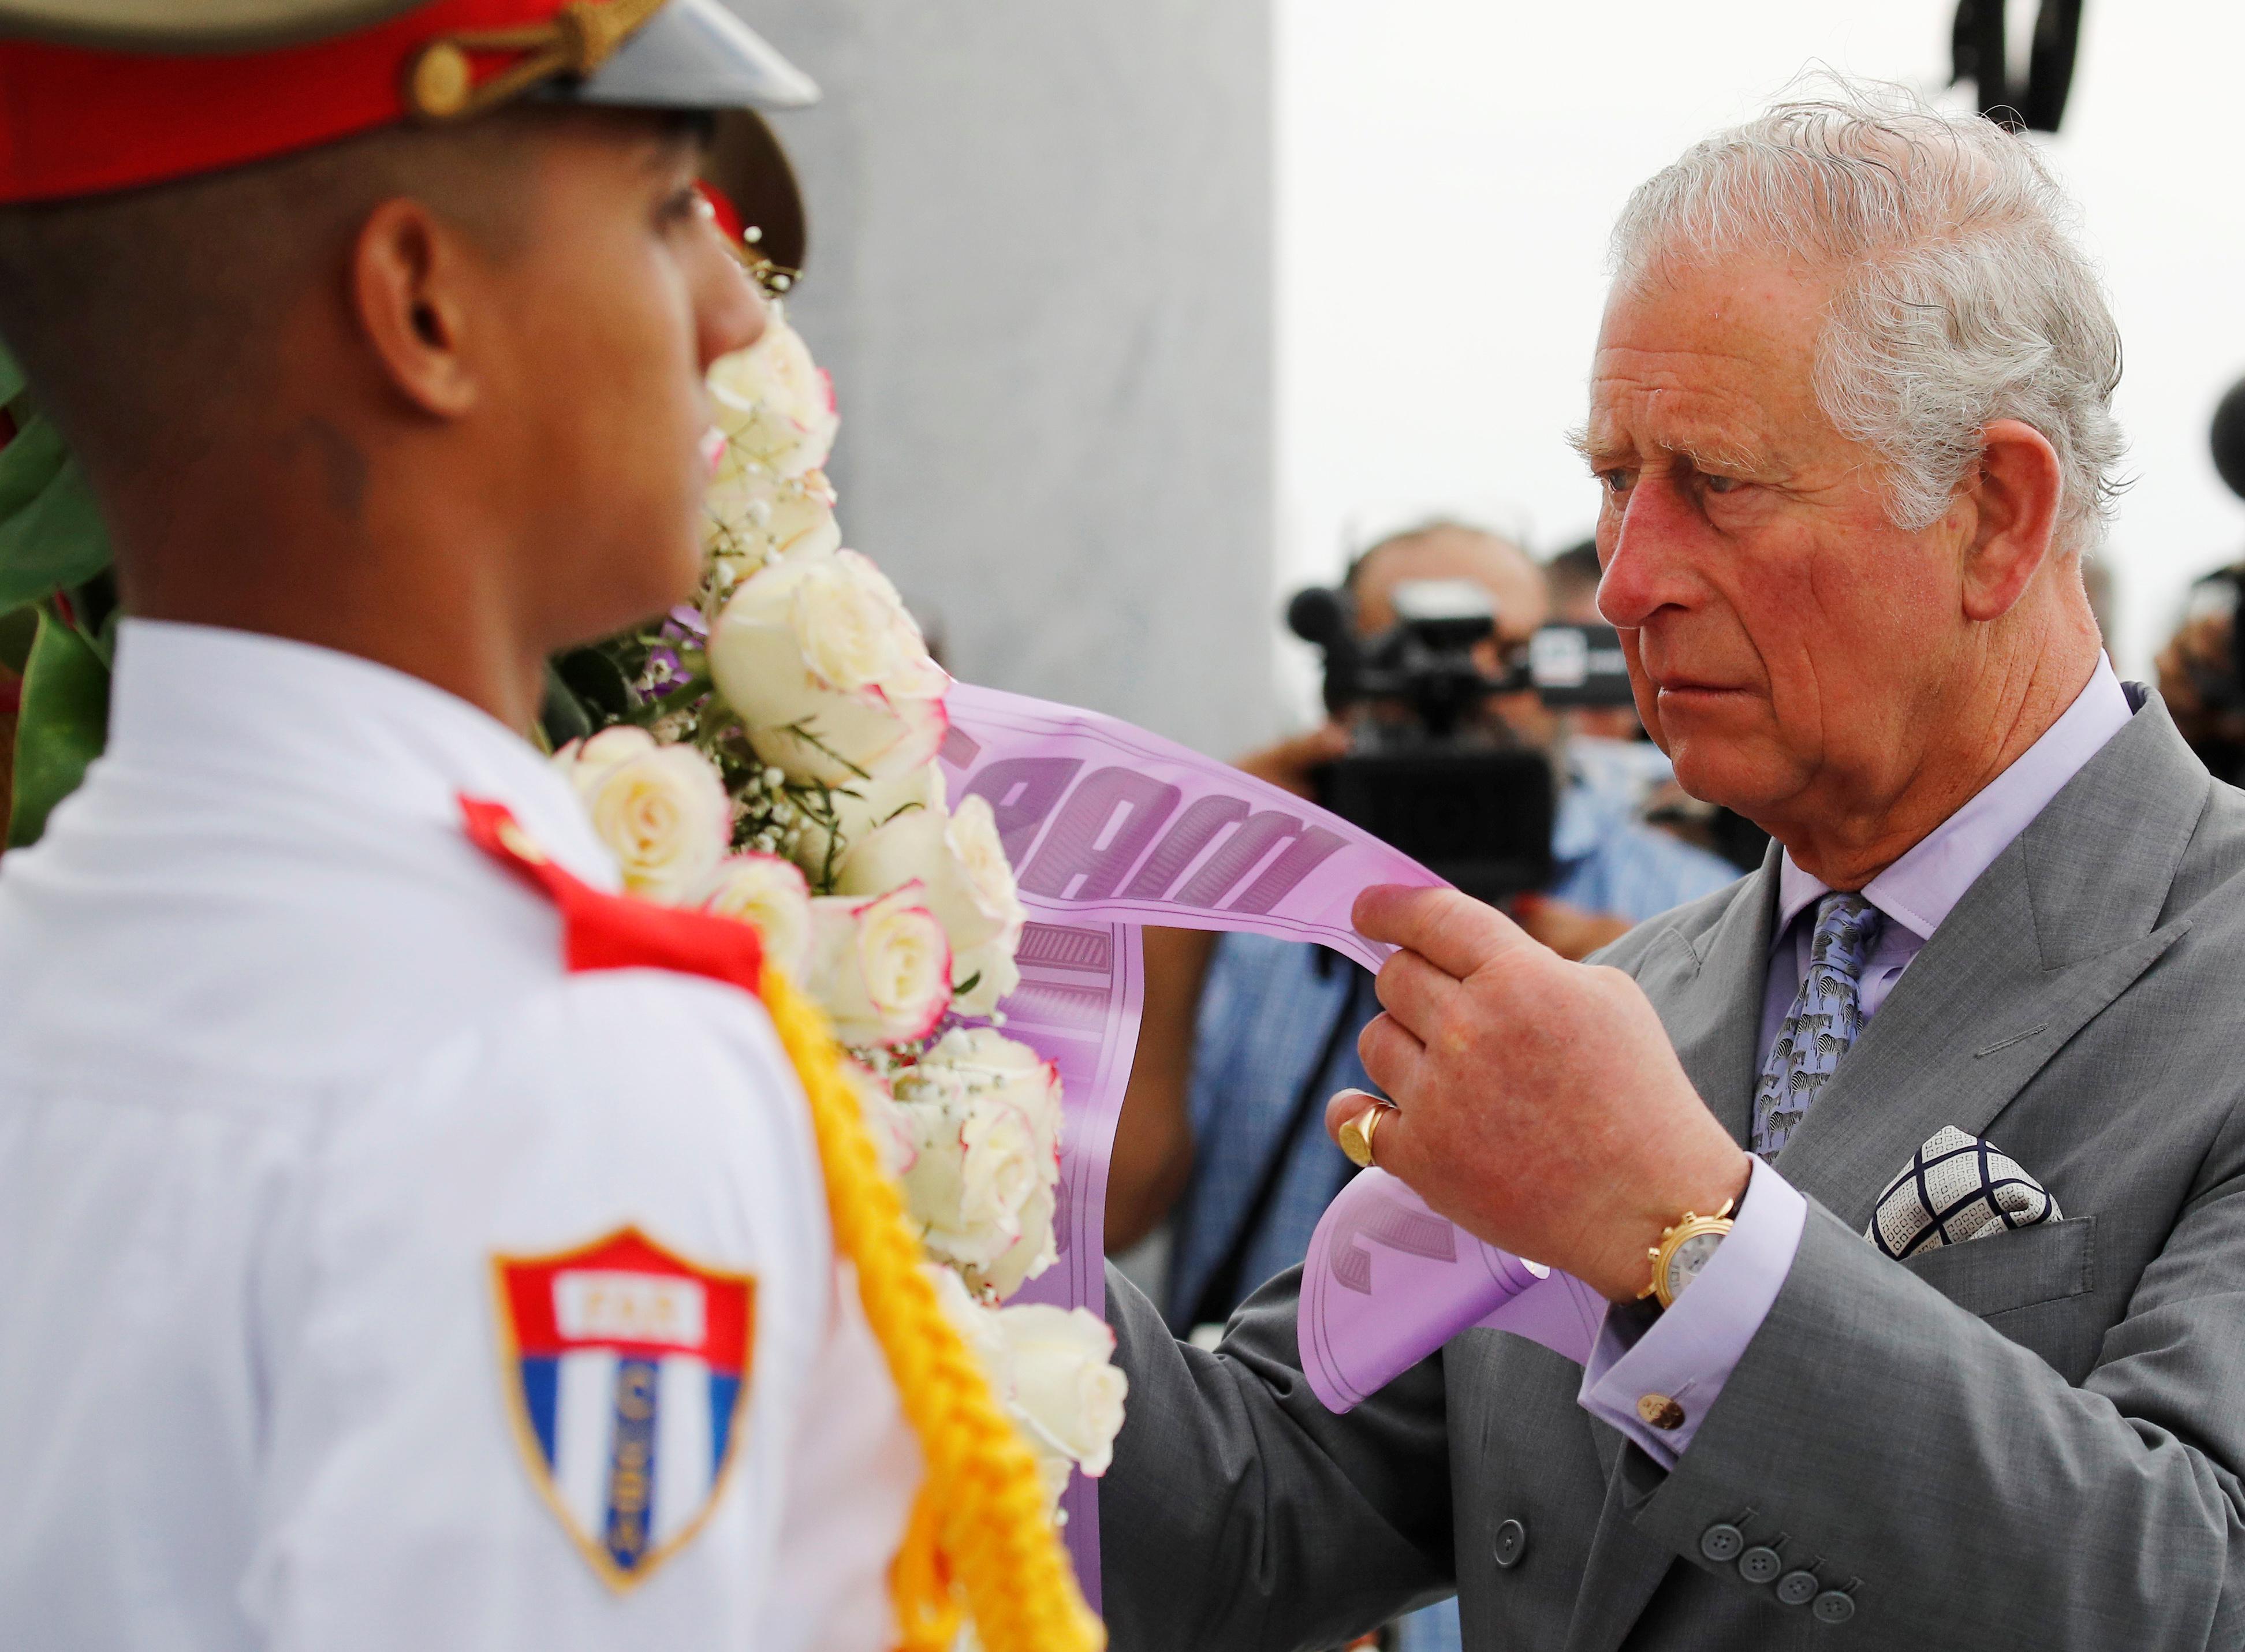 2019-03-24T223712Z_1477831353_RC15E14DCA20_RTRMADP_3_BRITAIN-ROYALS-CUBA